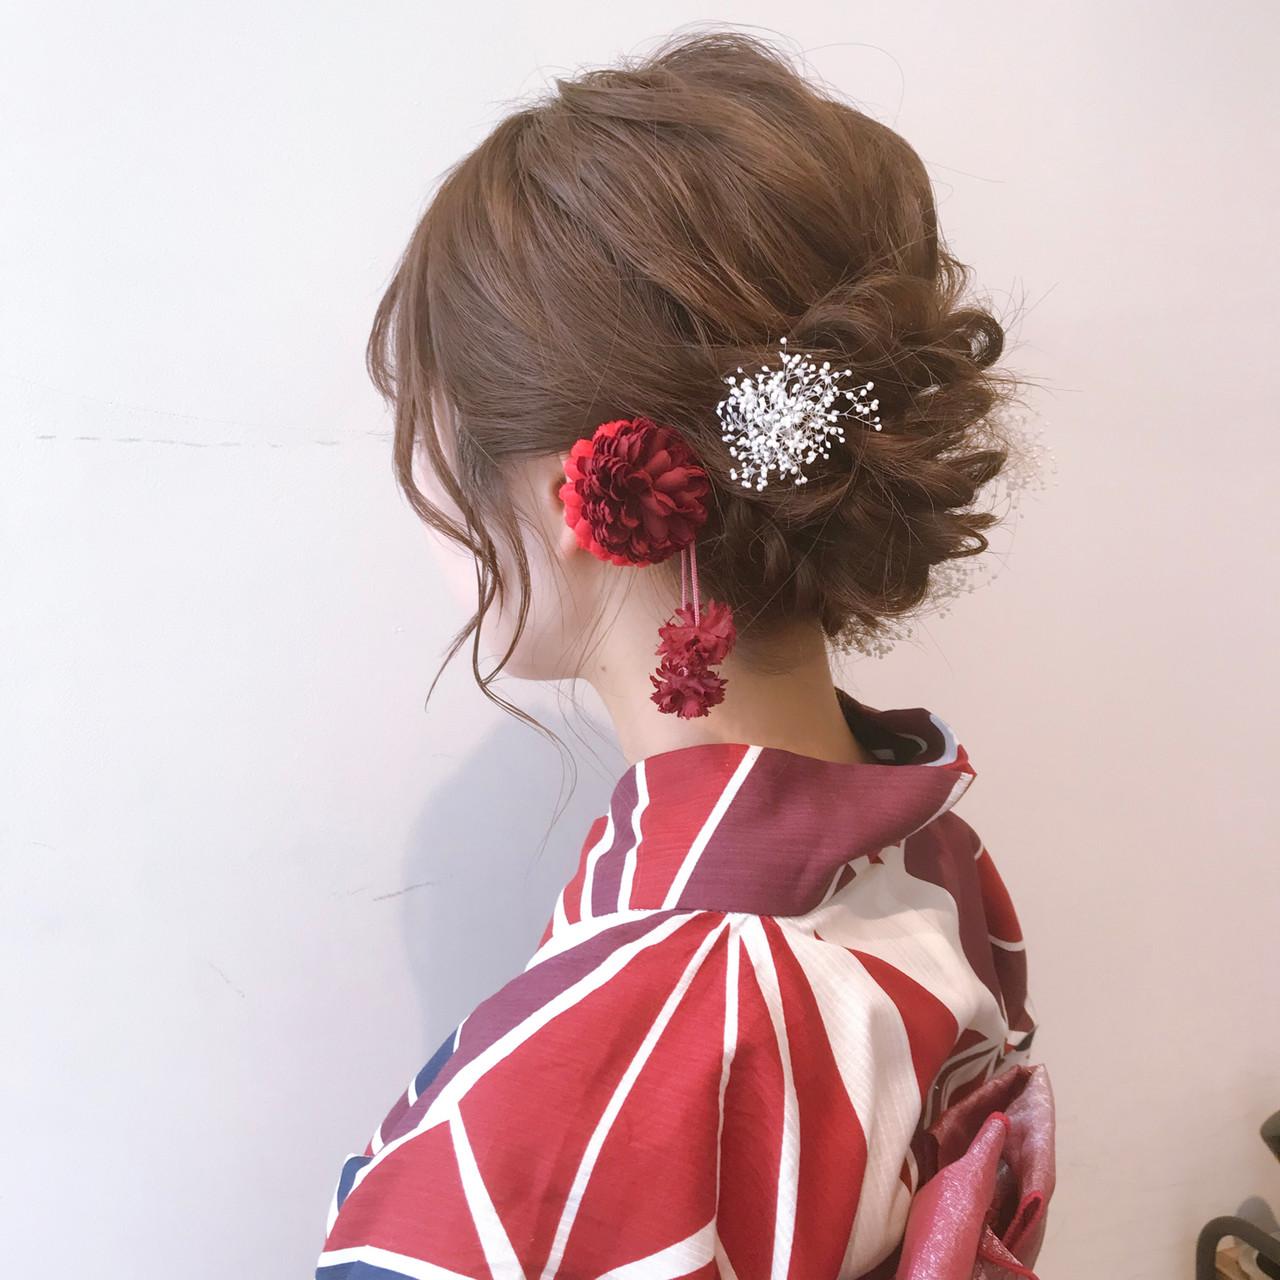 ミルクティーアッシュ フェミニン ヘアアレンジ 結婚式ヘアアレンジ ヘアスタイルや髪型の写真・画像